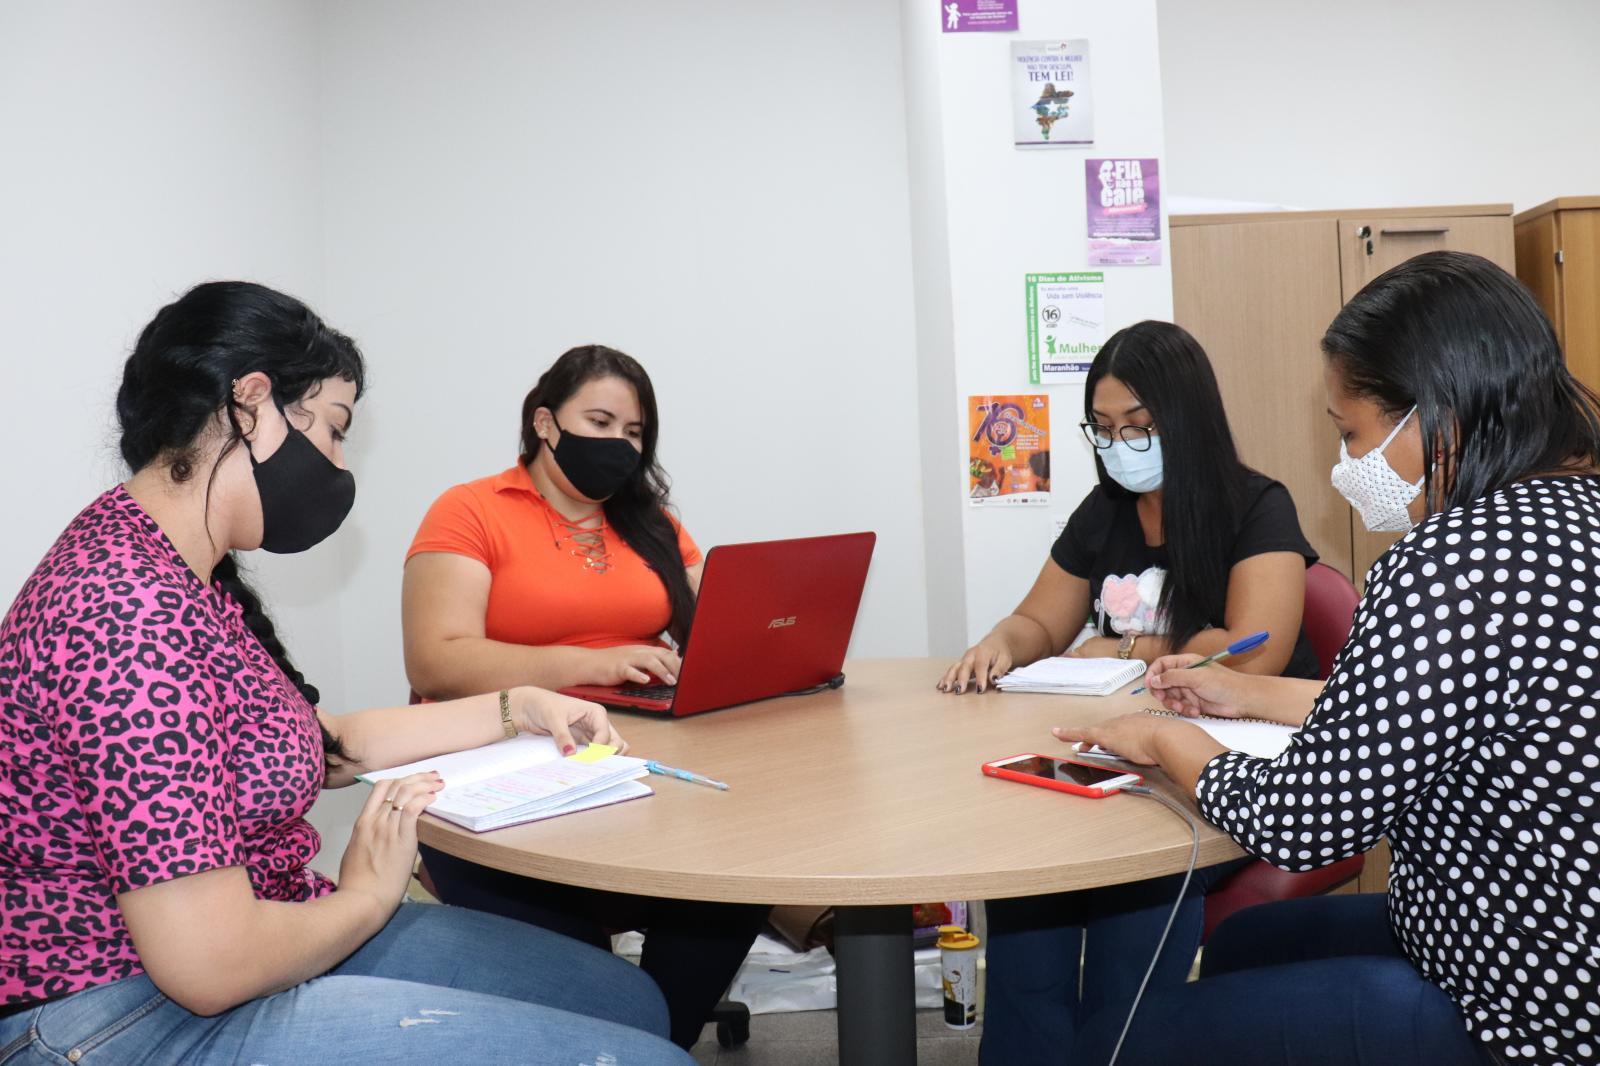 Momento de atividades entre as alunas